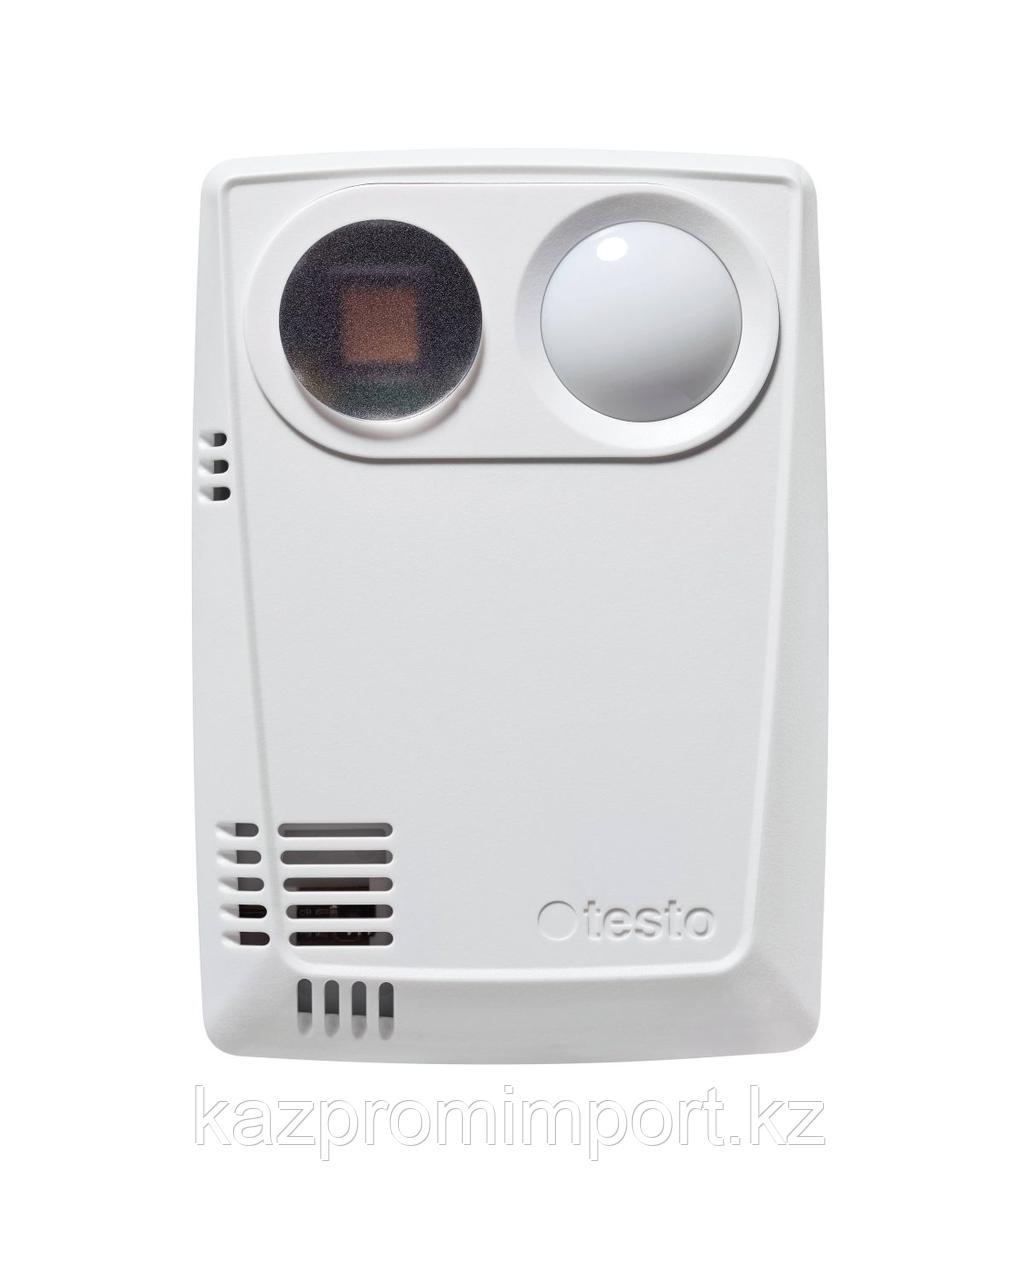 Testo 160 THL - WiFi-логгер данных с интегрированными сенсорами температуры, влажности, освещённости и УФ-излу